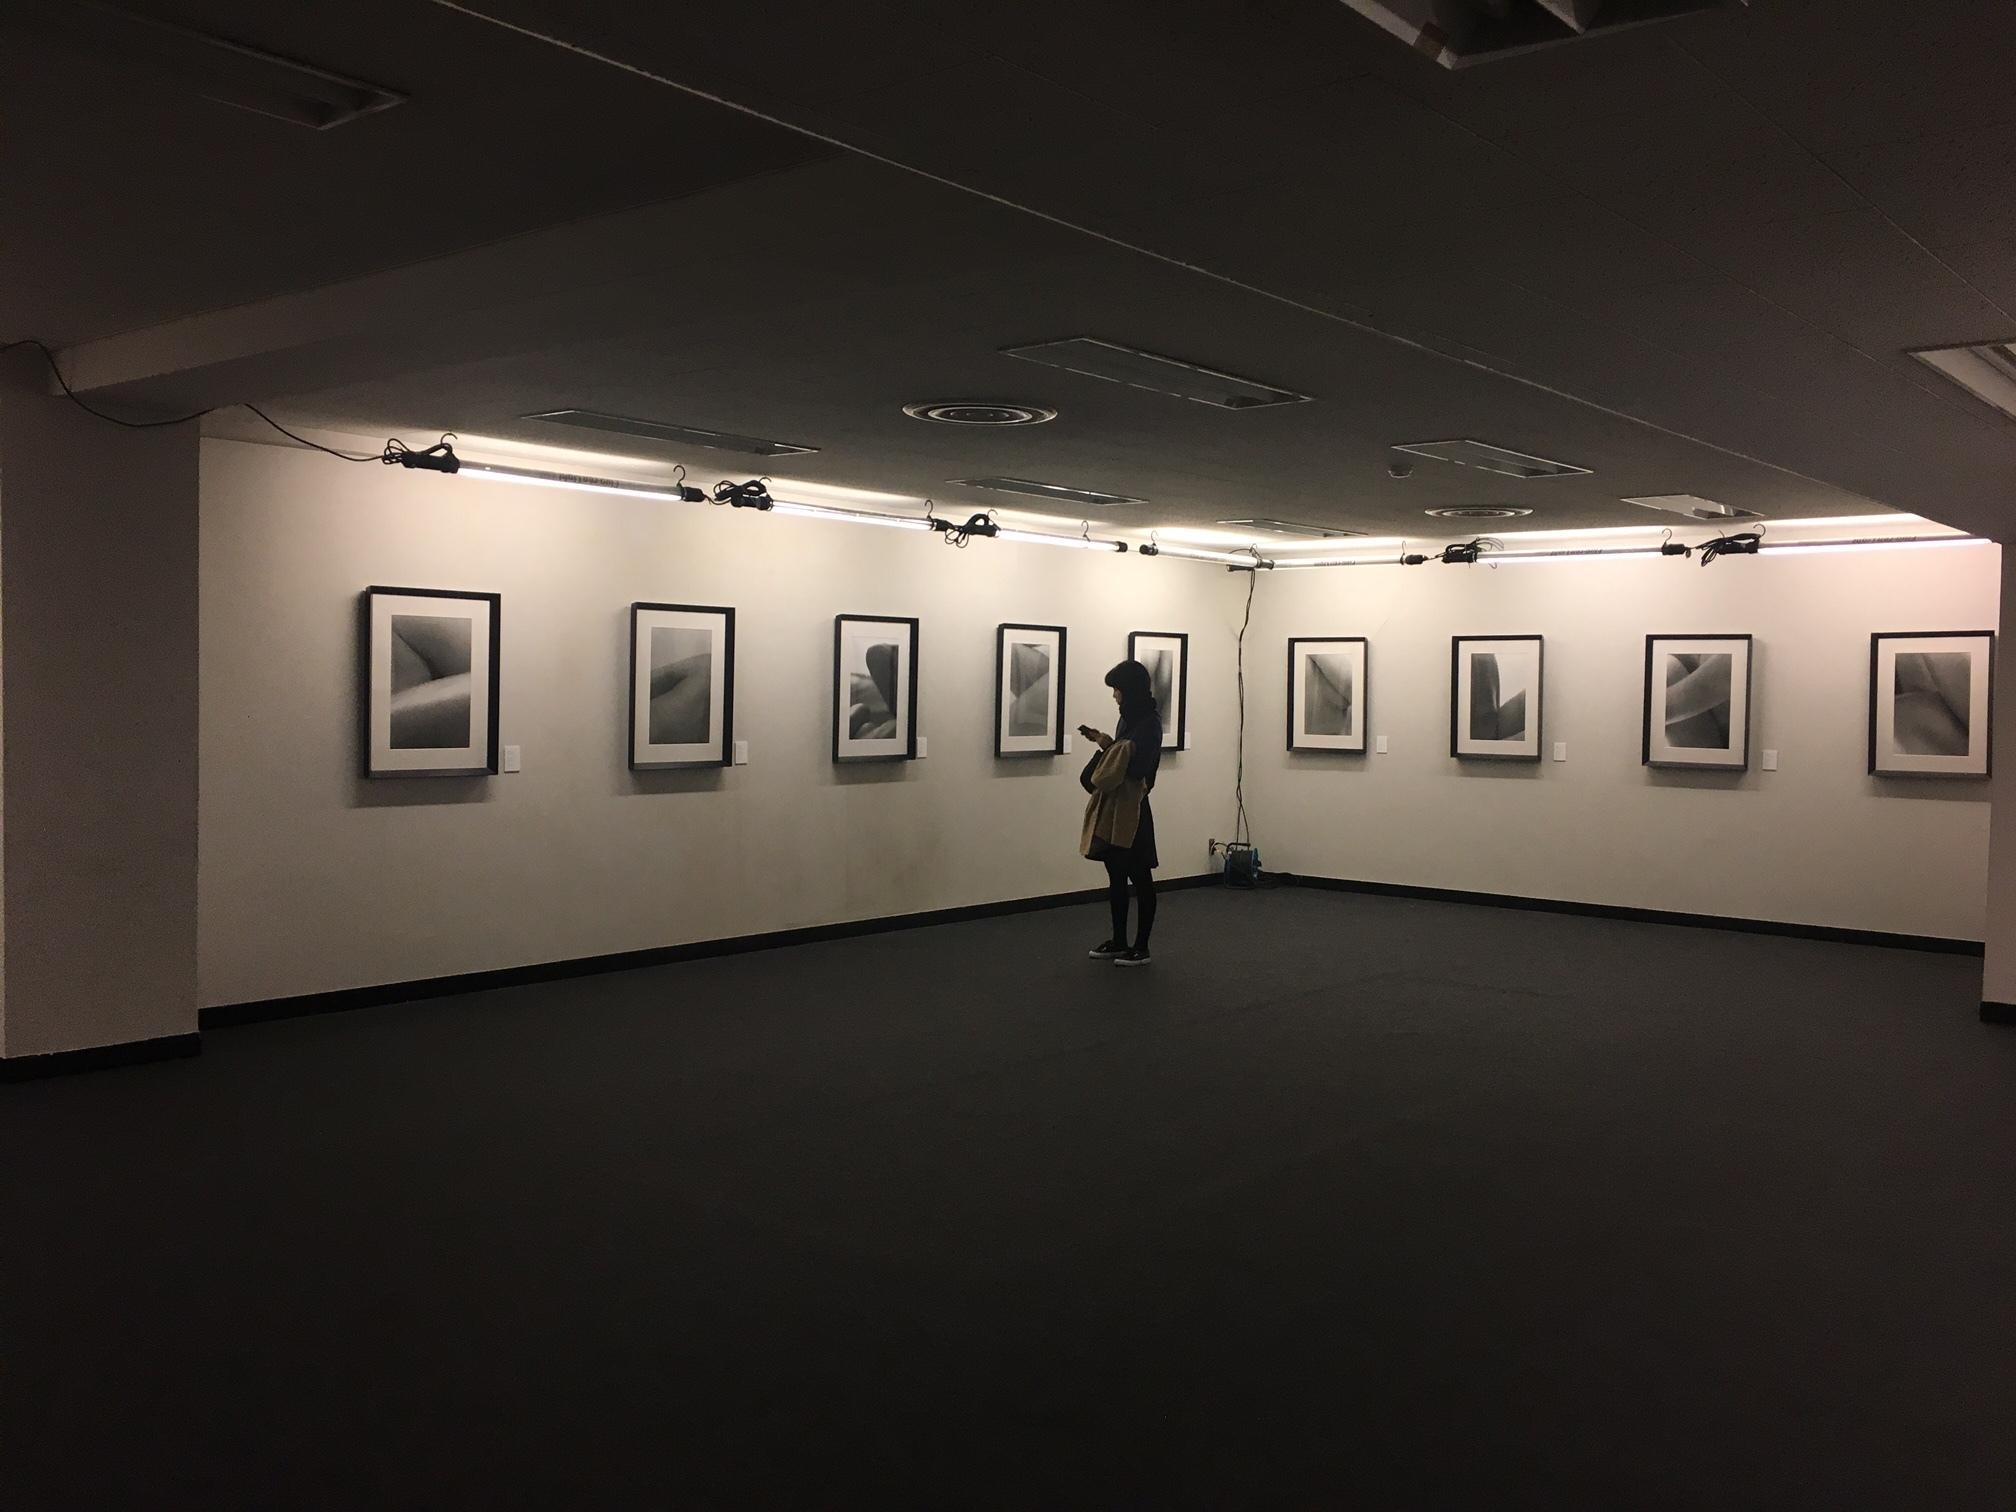 昨年パリフォトに出展された森田恭通氏の作品 女性の体の美しさを表している